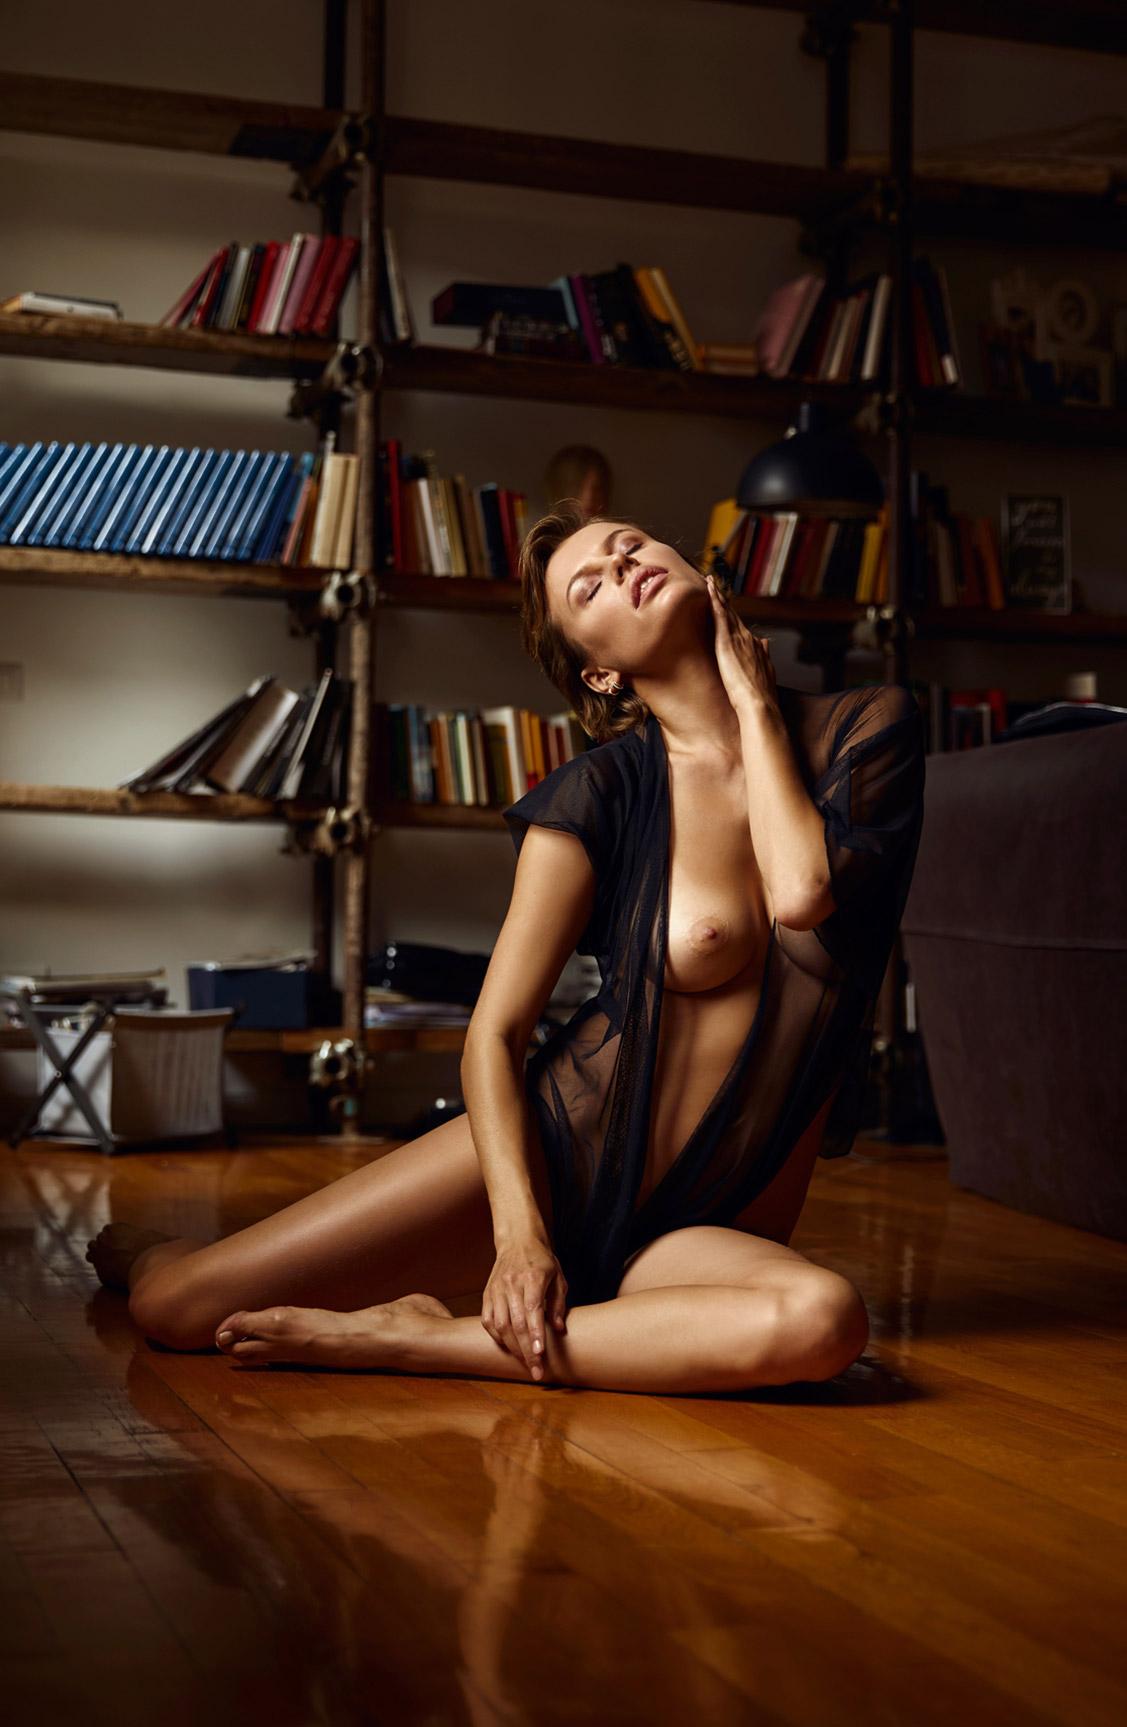 обнаженная Ольга де Мар ждет наступления темноты / фото 14